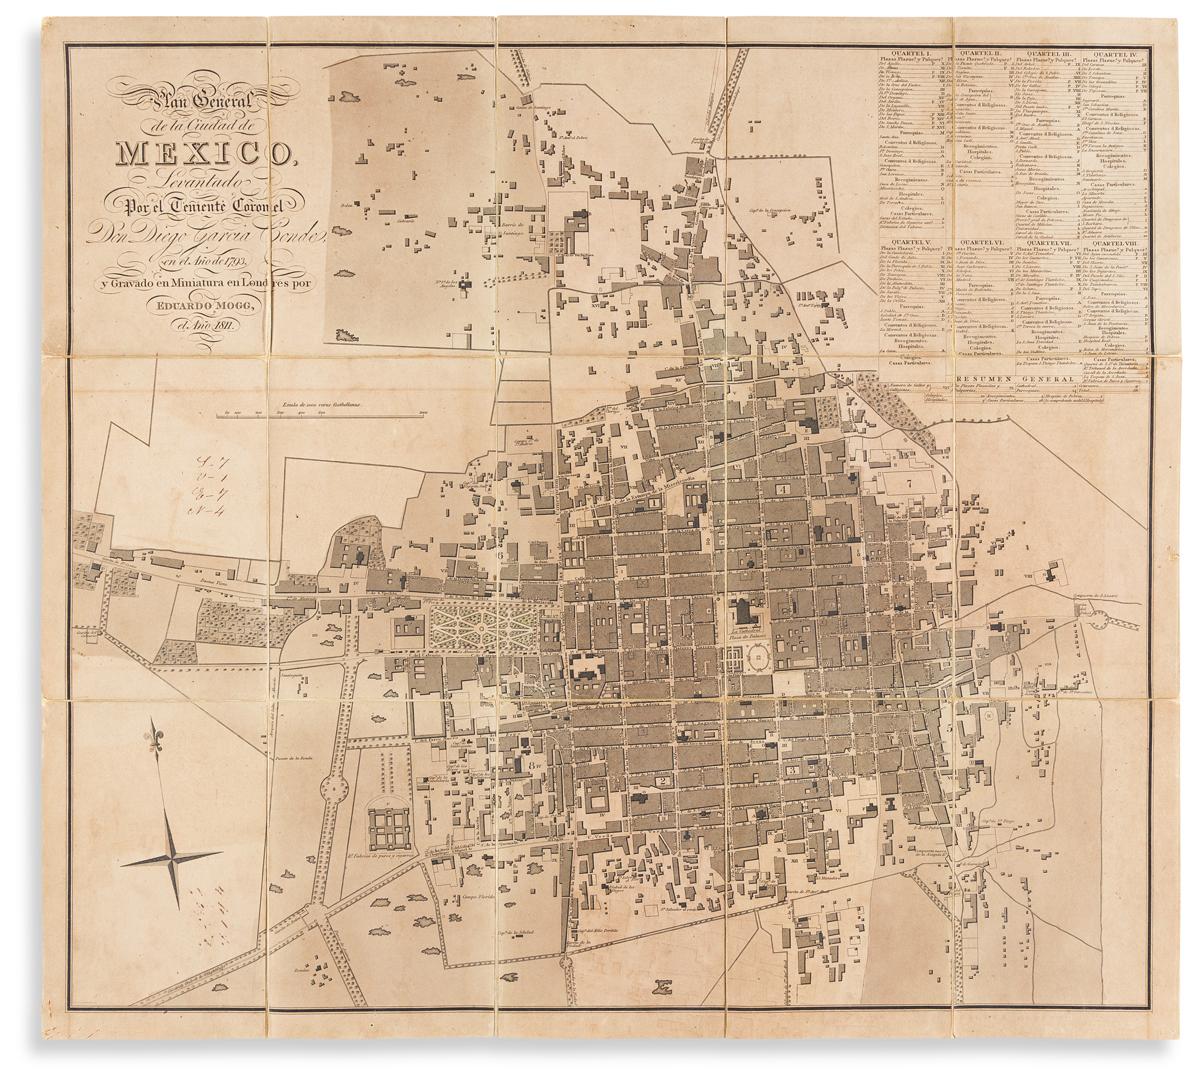 (MEXICO CITY.) Edward Mogg; after Diego García Conde. Plan General de la Ciudad de México,